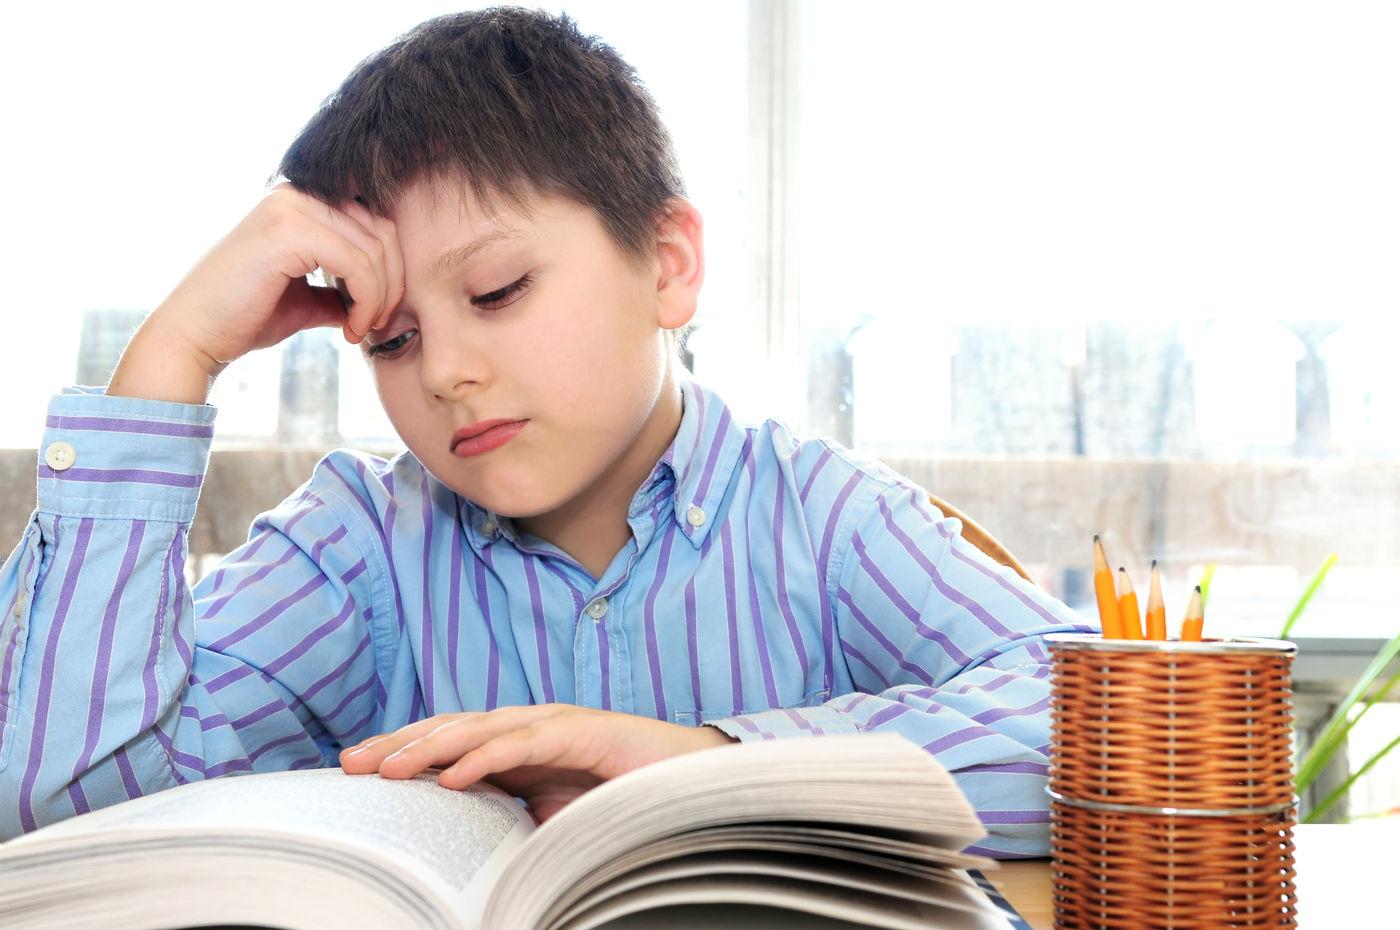 تقوية الذاكرة و الحفظ و التركيز عند الاطفال بنصائح وأفكار